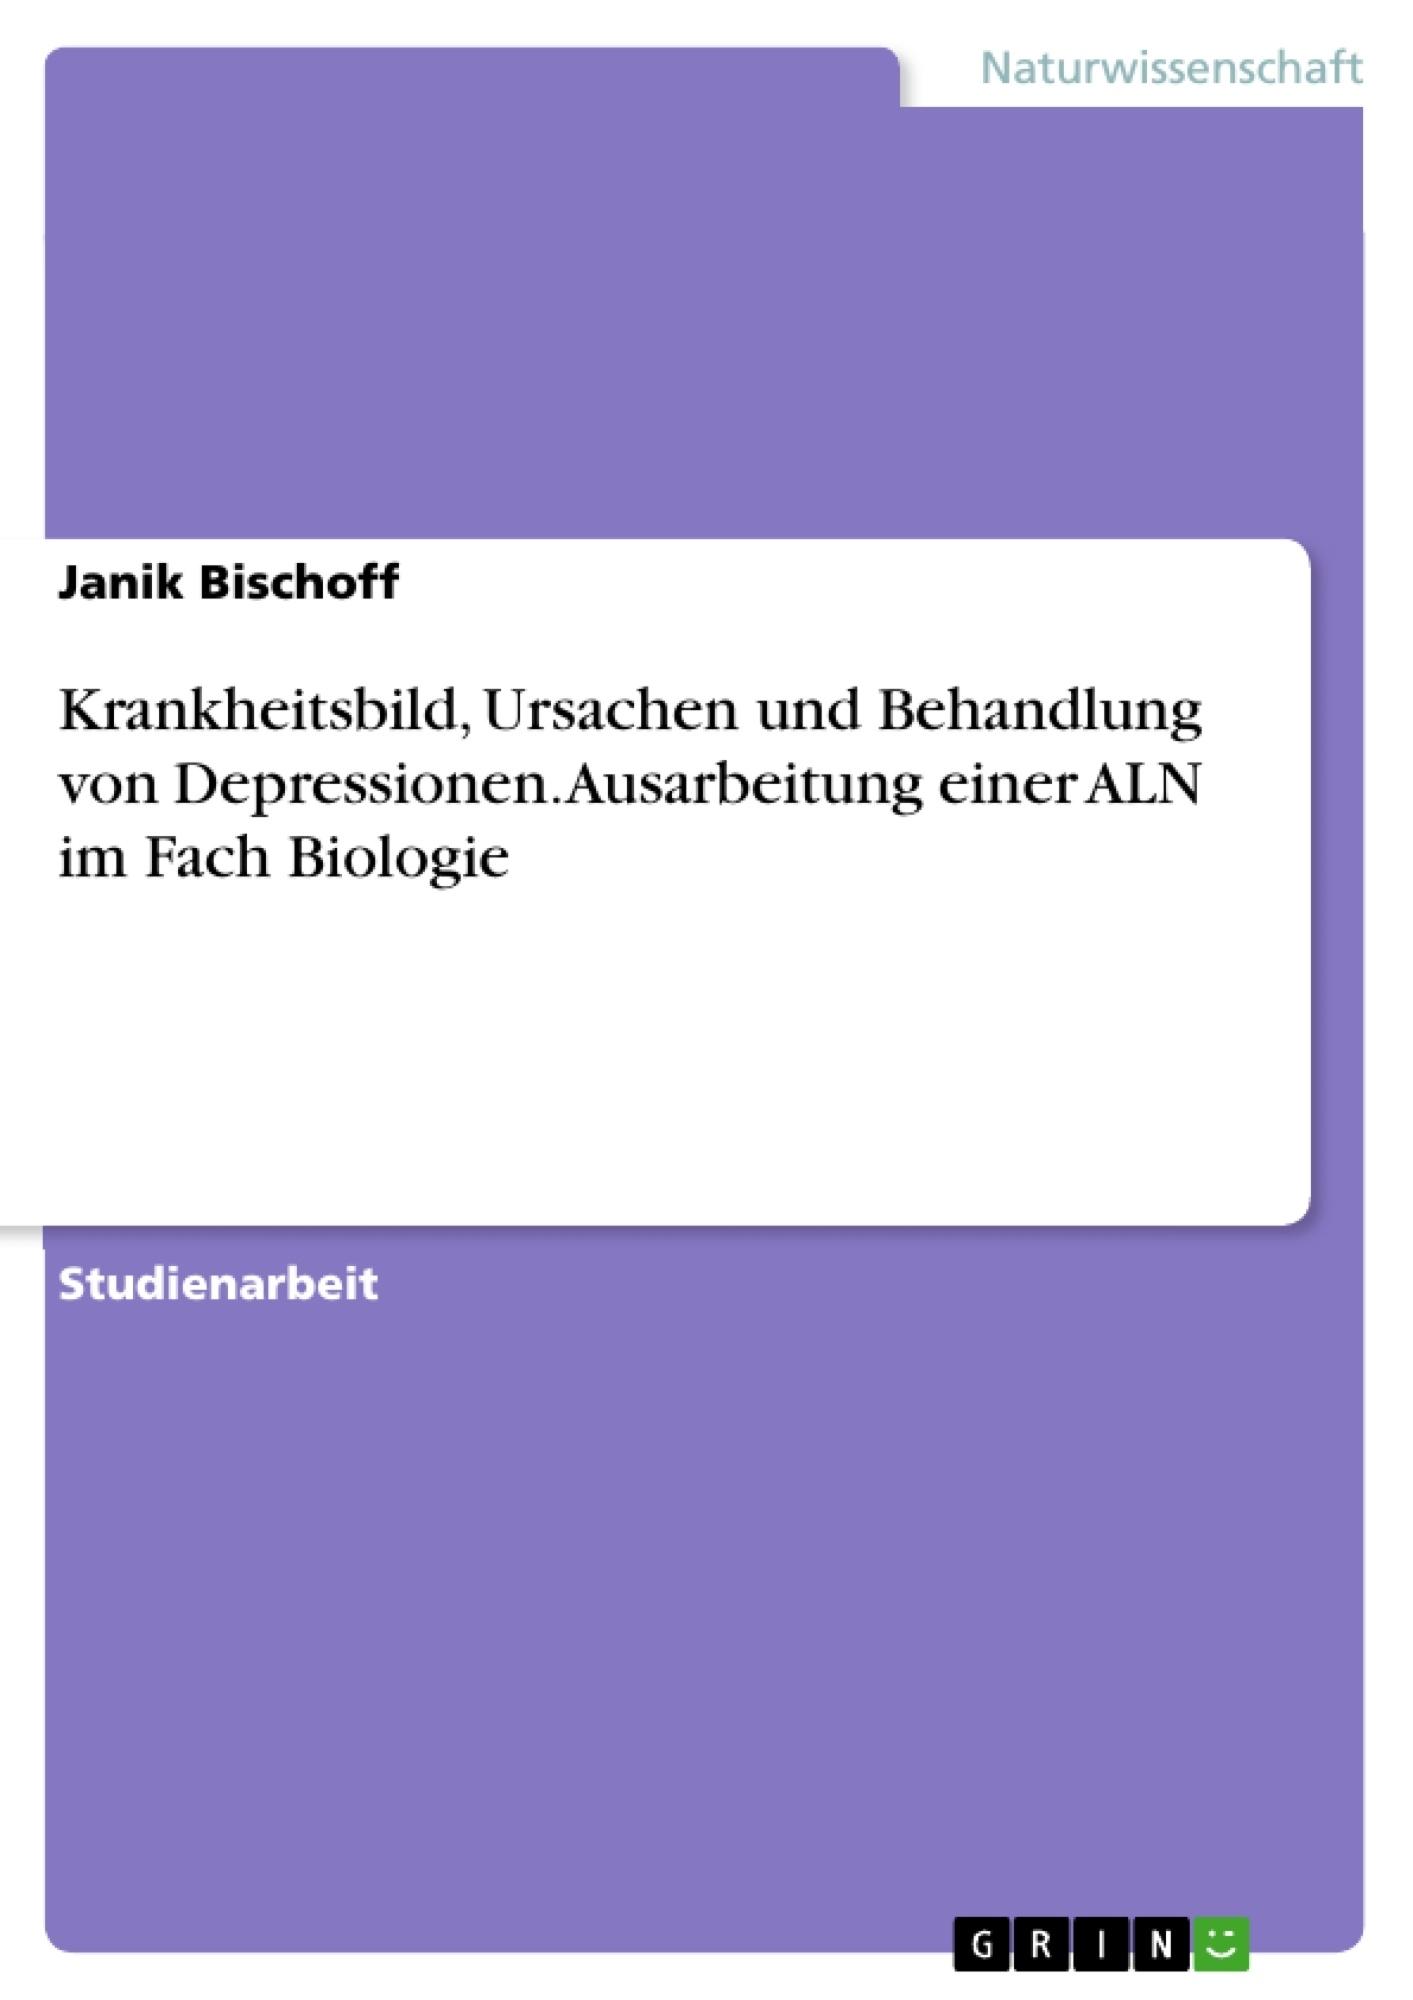 Titel: Krankheitsbild, Ursachen und Behandlung von Depressionen. Ausarbeitung einer ALN im Fach Biologie